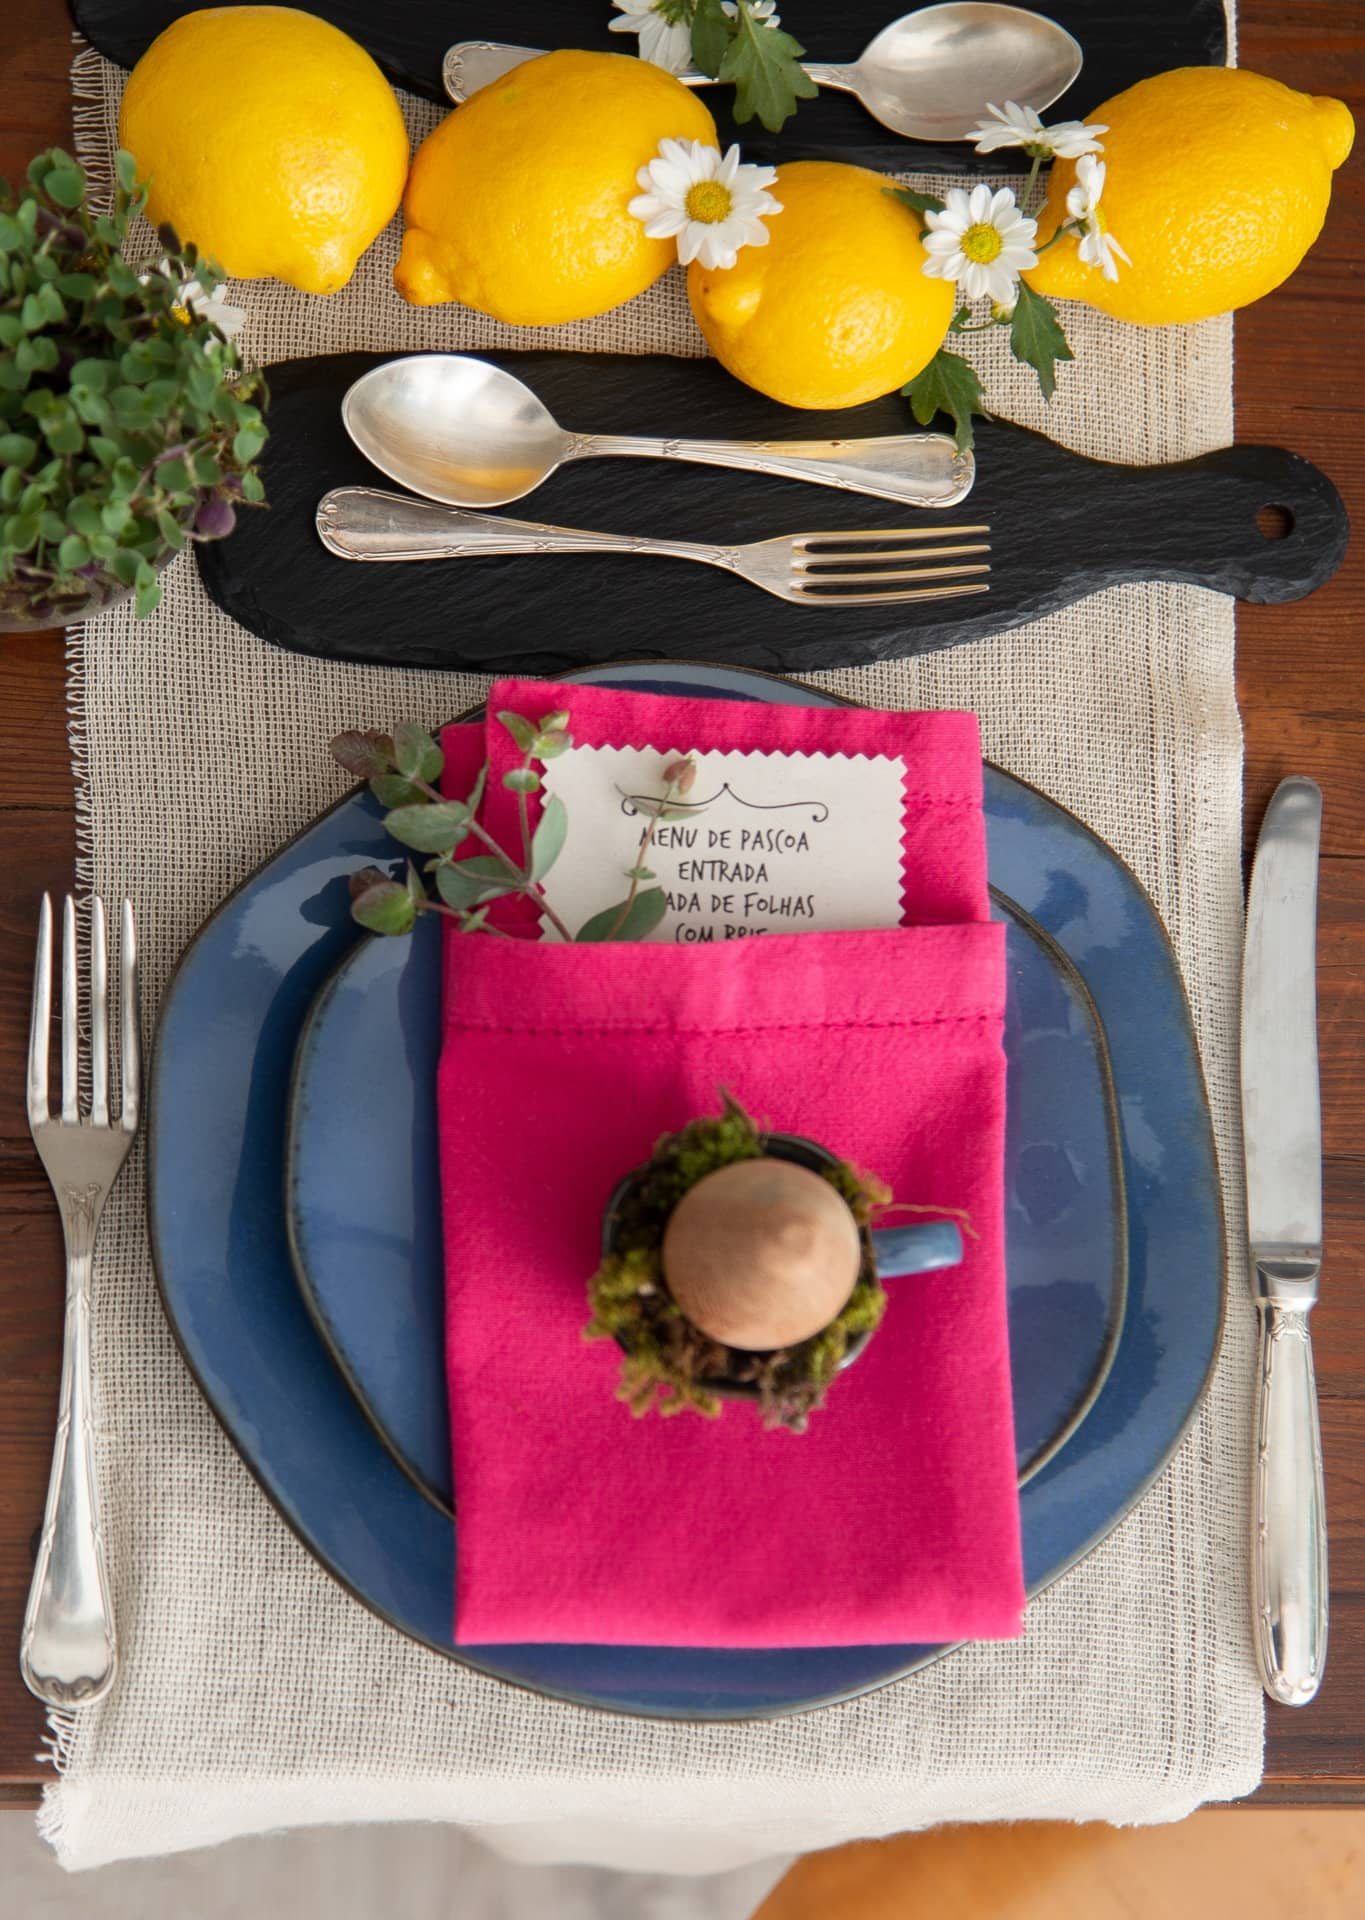 Que tal colocar o menu do almoço dentro do guardanapo, junto com um ramo de eucalipto? Nesta mesa de Páscoa, a xícara de café também vira enfeite: acomoda um punhado de musgo e um ovo de madeira. Aparelho de jantar Ryo Santorini da Oxford. Foto: Cacá Bratke. Realização: Pixu